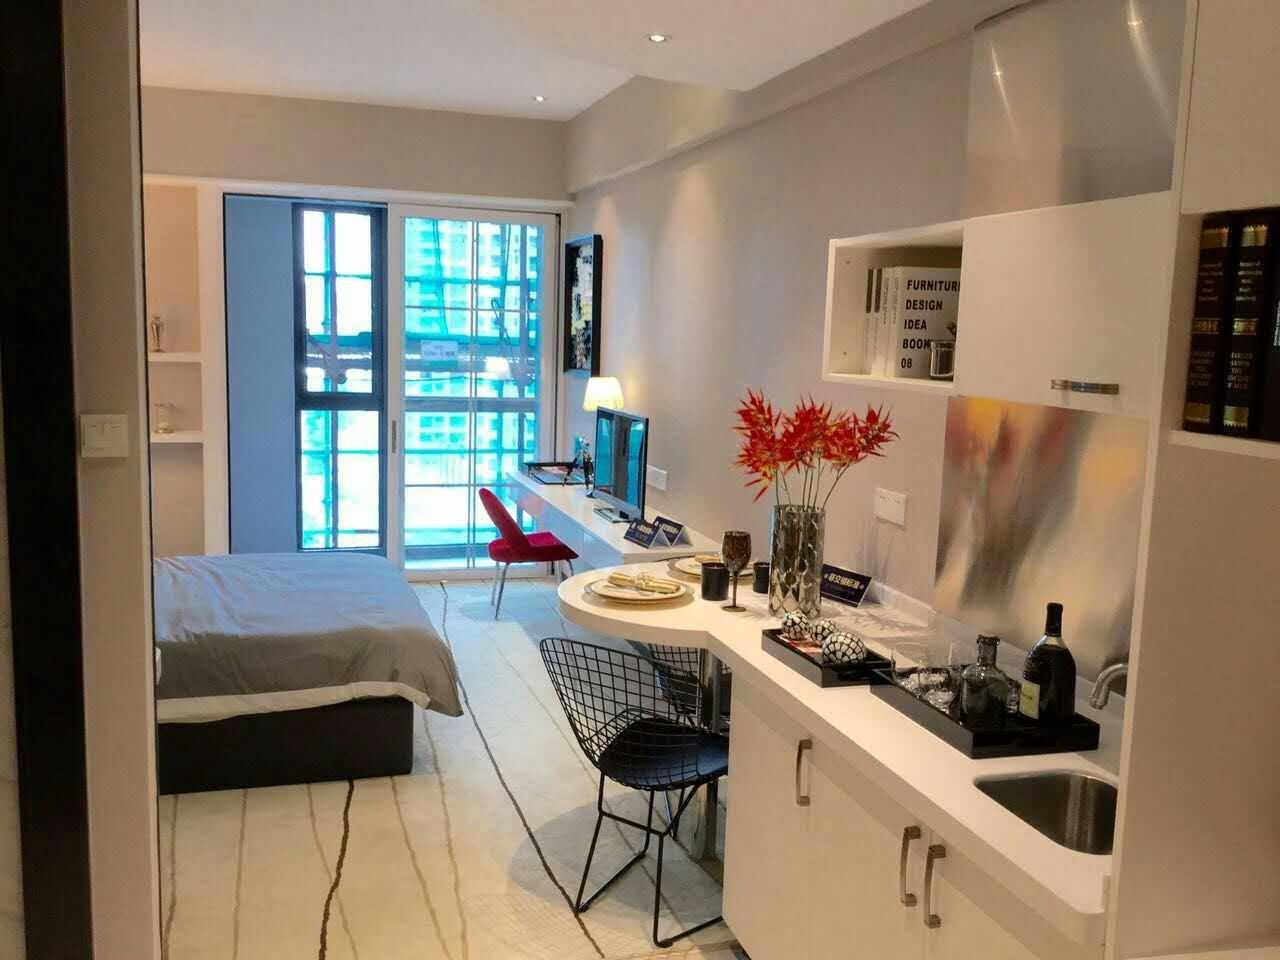 珠江新城CBD精装公寓 可明火 带景观阳台   酒店包月租6500